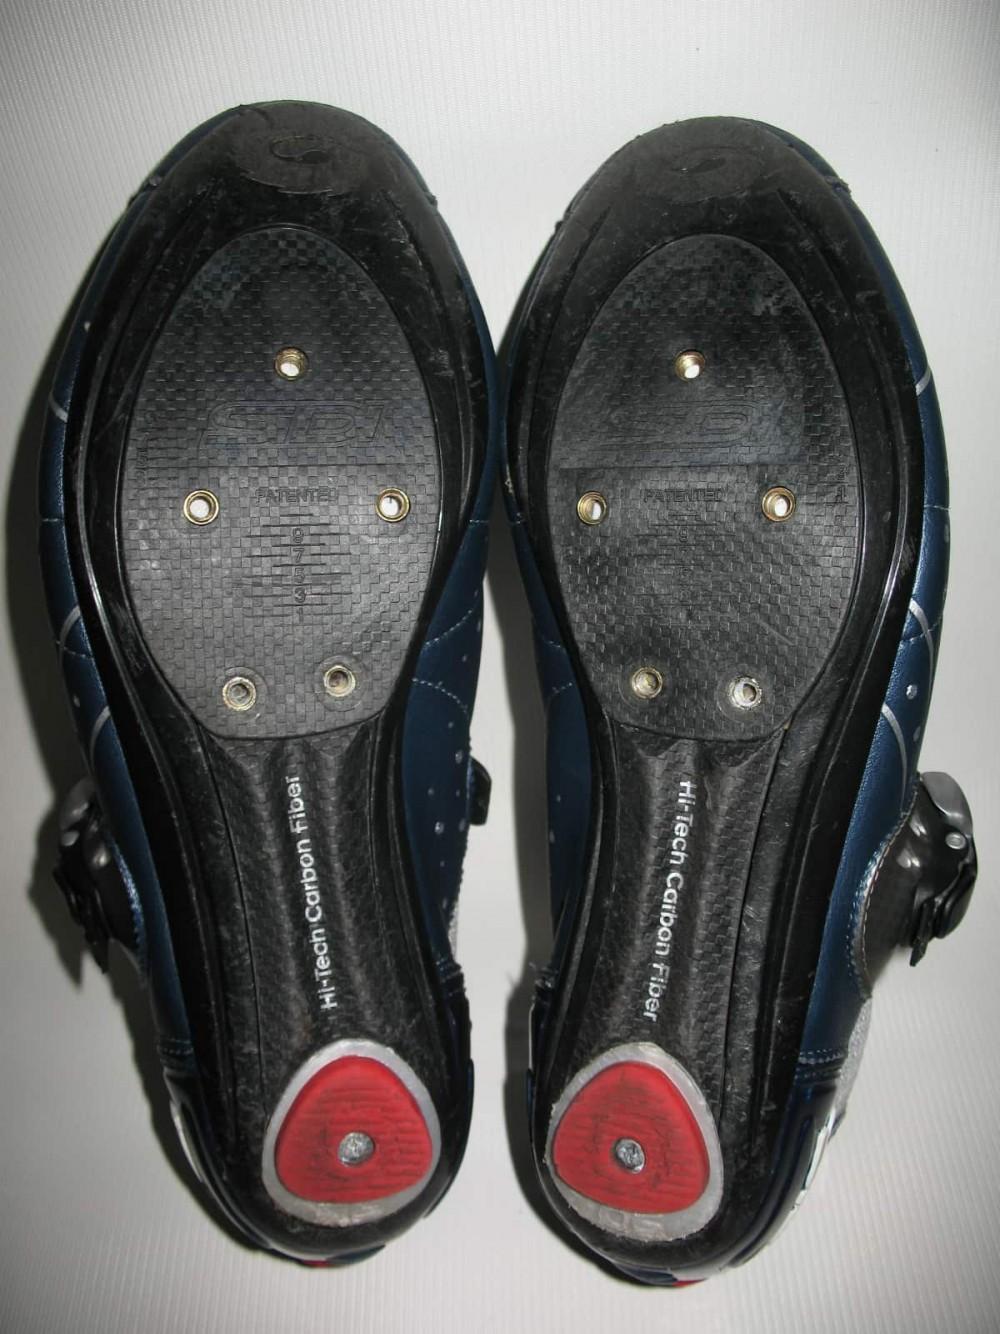 Велотуфли SIDI genius 5.5 carbon road shoes (размер EU42,5(на стопу 265mm)) - 5